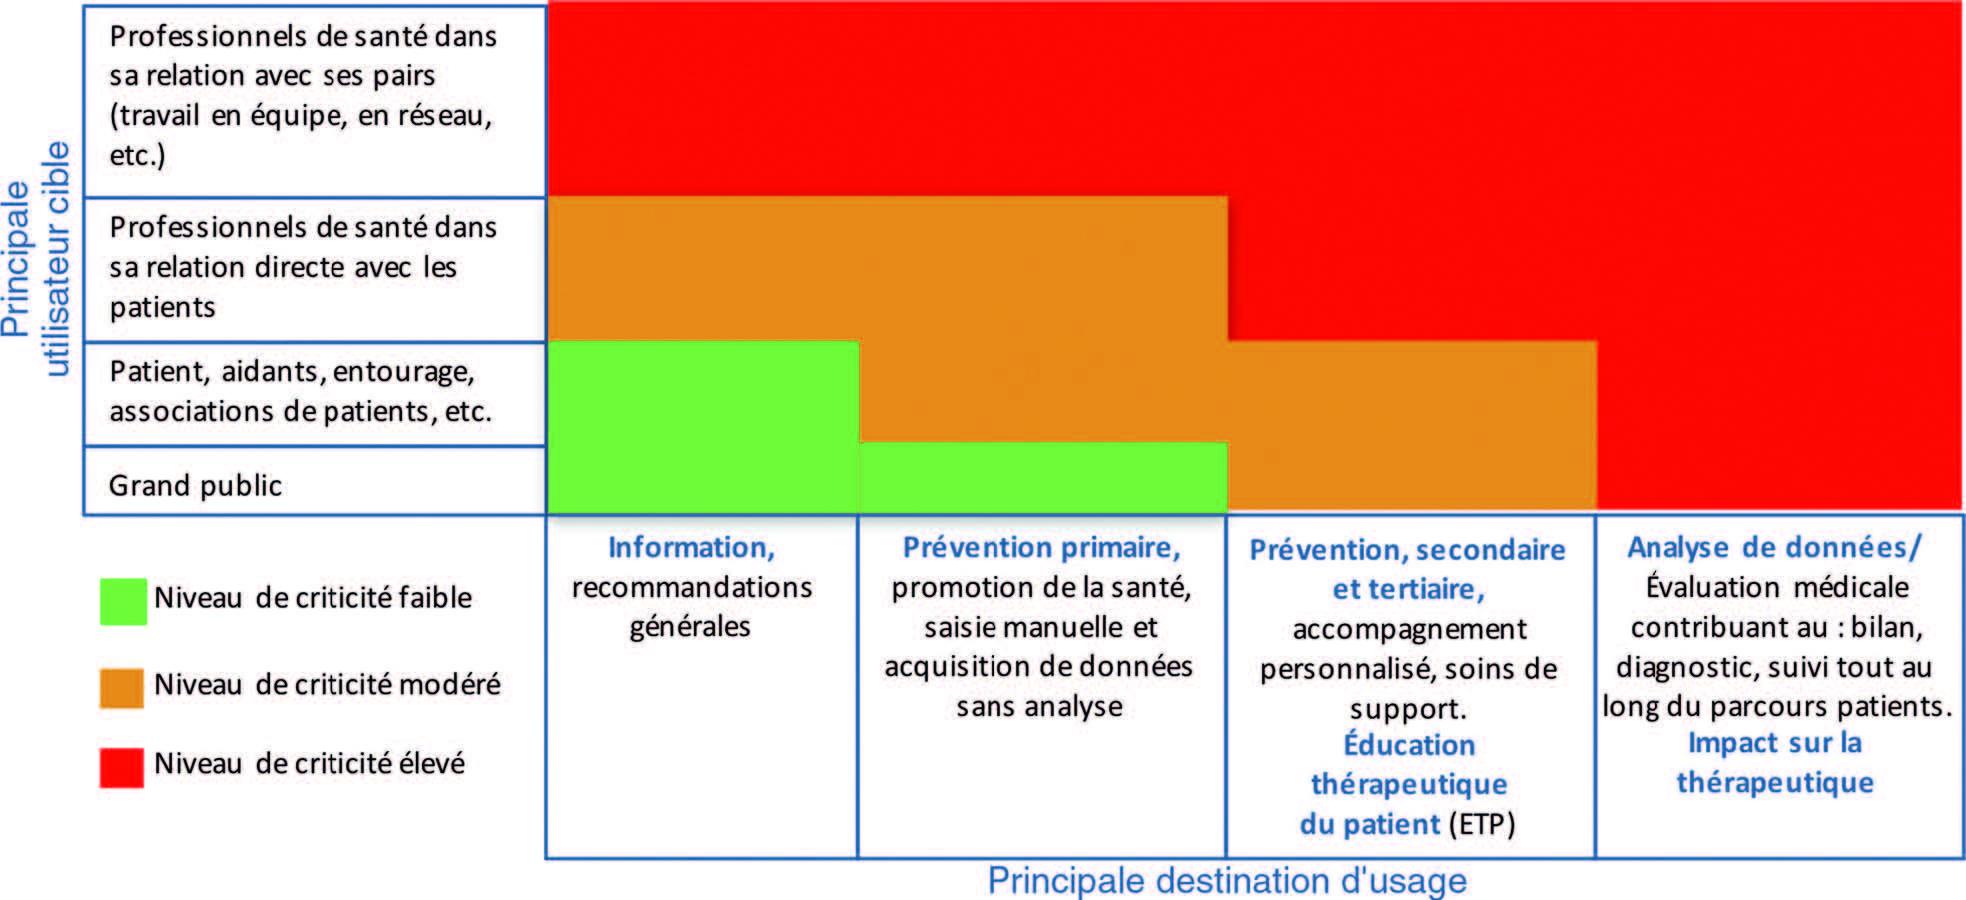 Figure 3.2 Les risques liés à l'utilisation des applications en fonction de l'utilisateur et de l'usage.